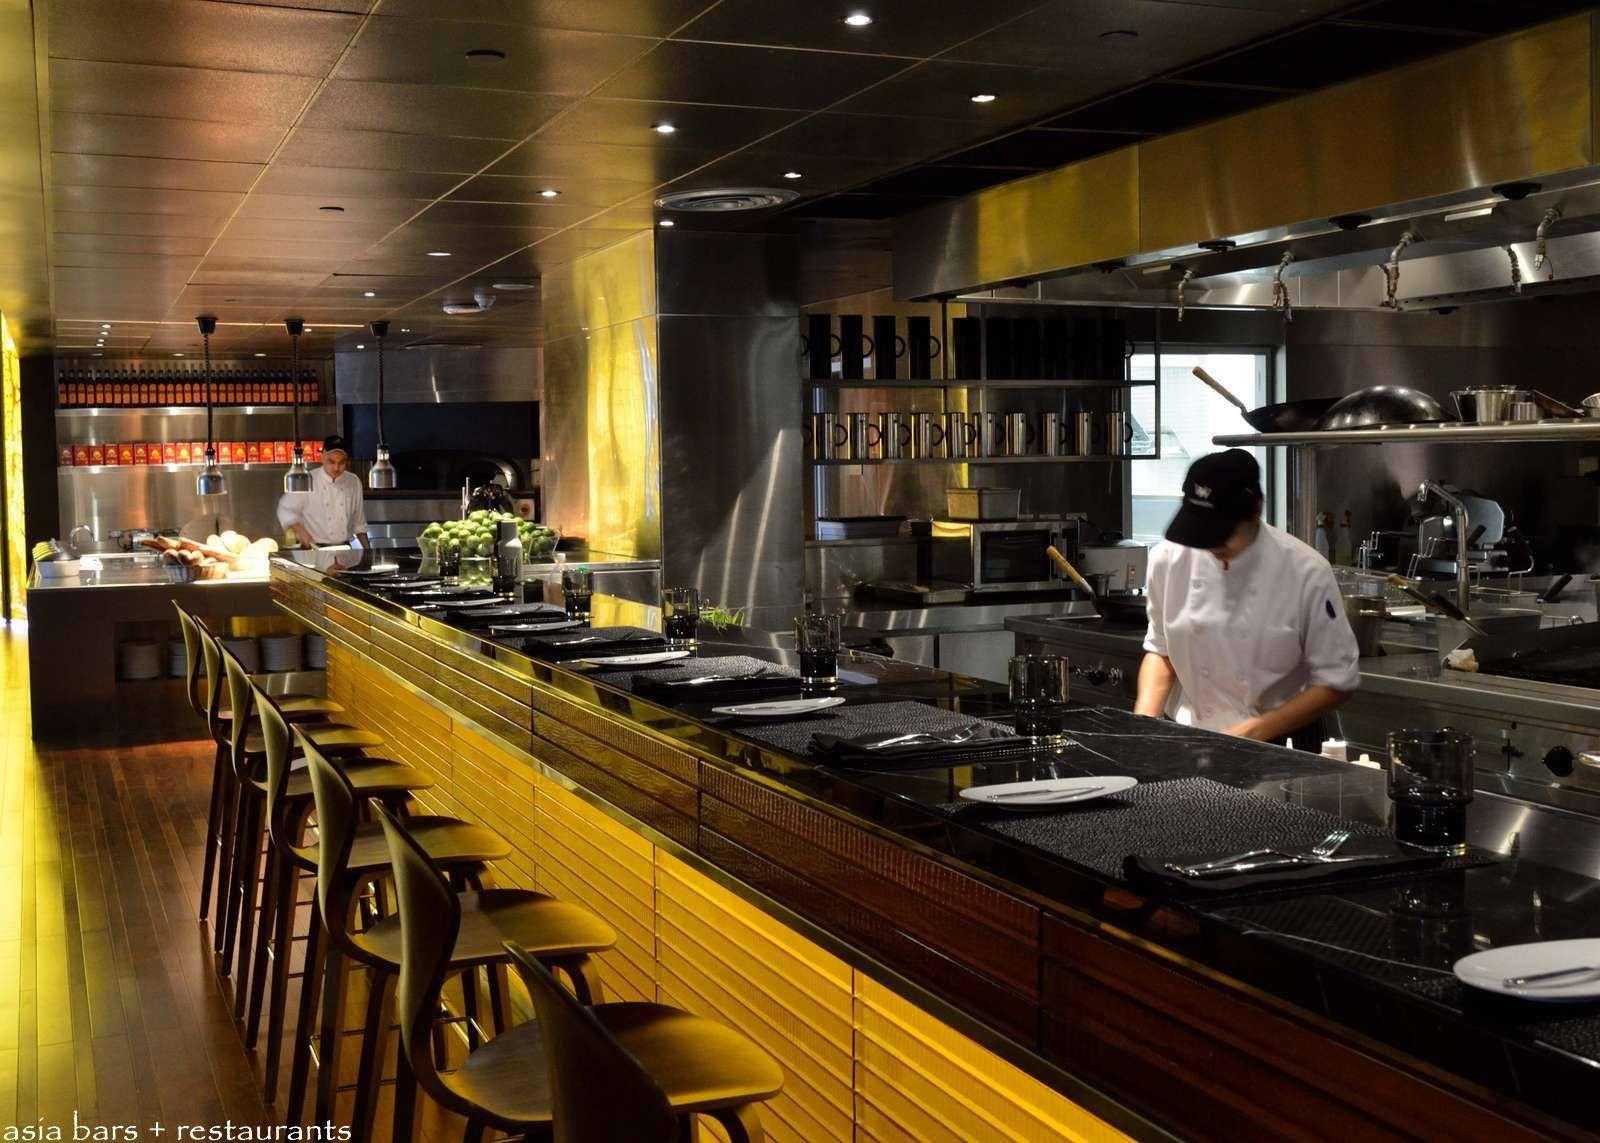 kitchen table restaurant show kitchen restaurant Google Search